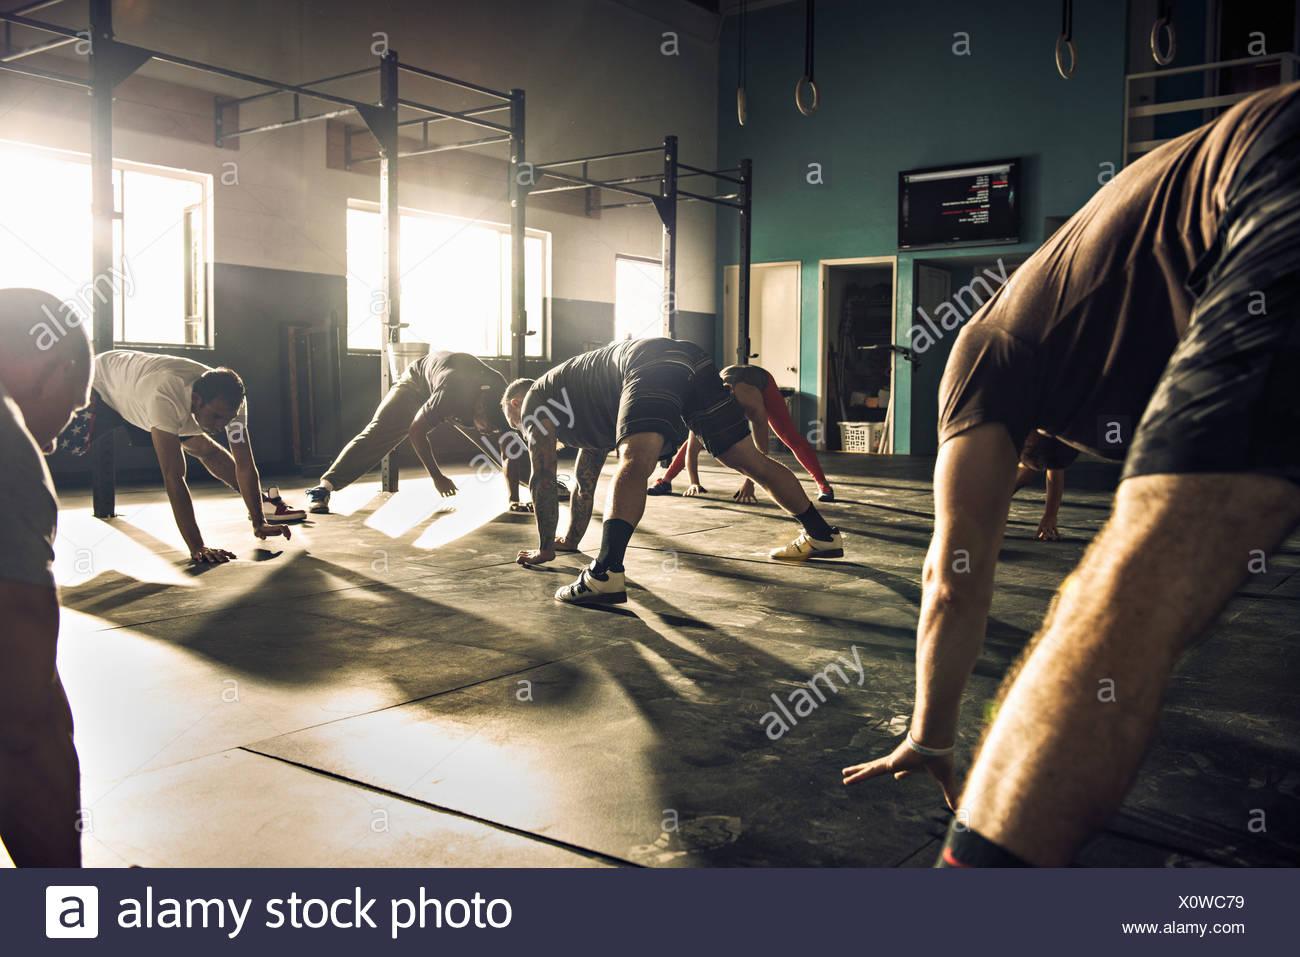 Formation de groupe remise en forme ensemble dans une salle de sport Photo Stock